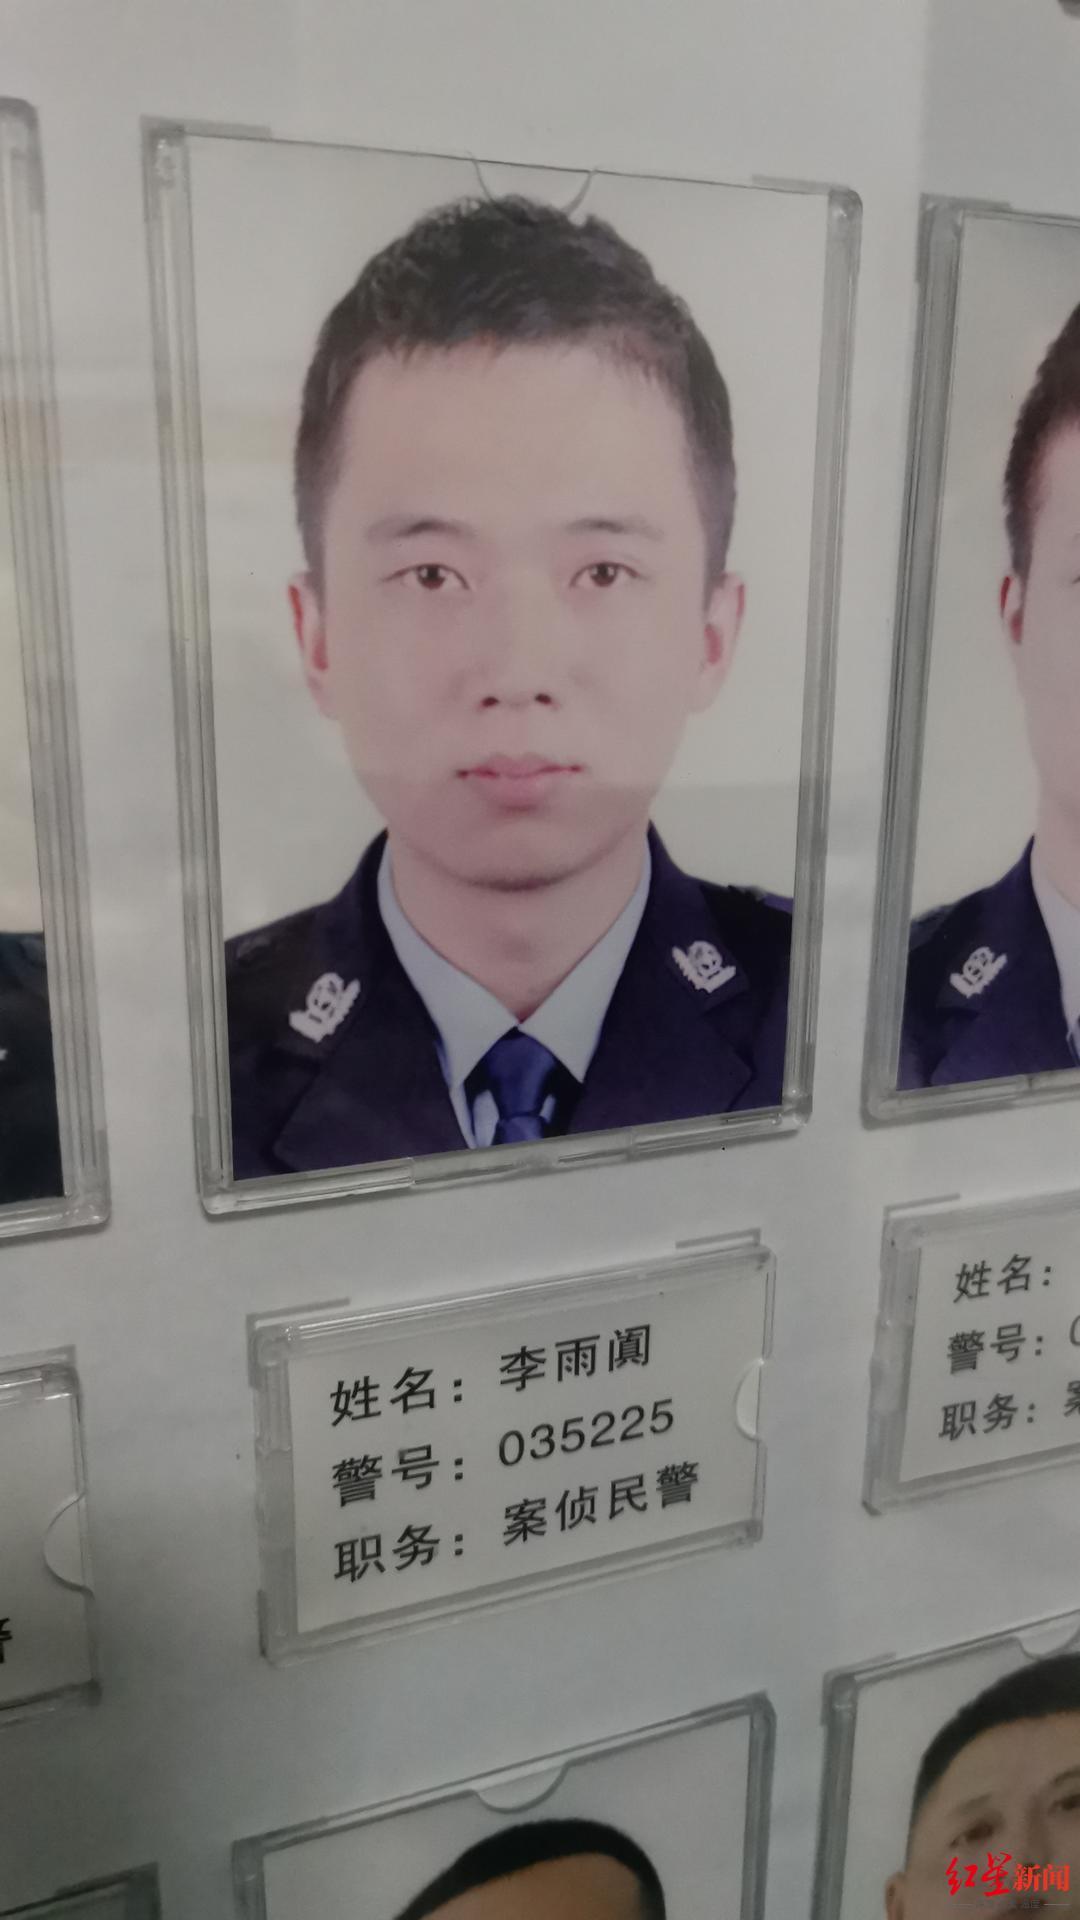 【彩乐园3进入12dsncom】_救坠江女孩失联的四川警察被打捞上岸,不幸因公殉职